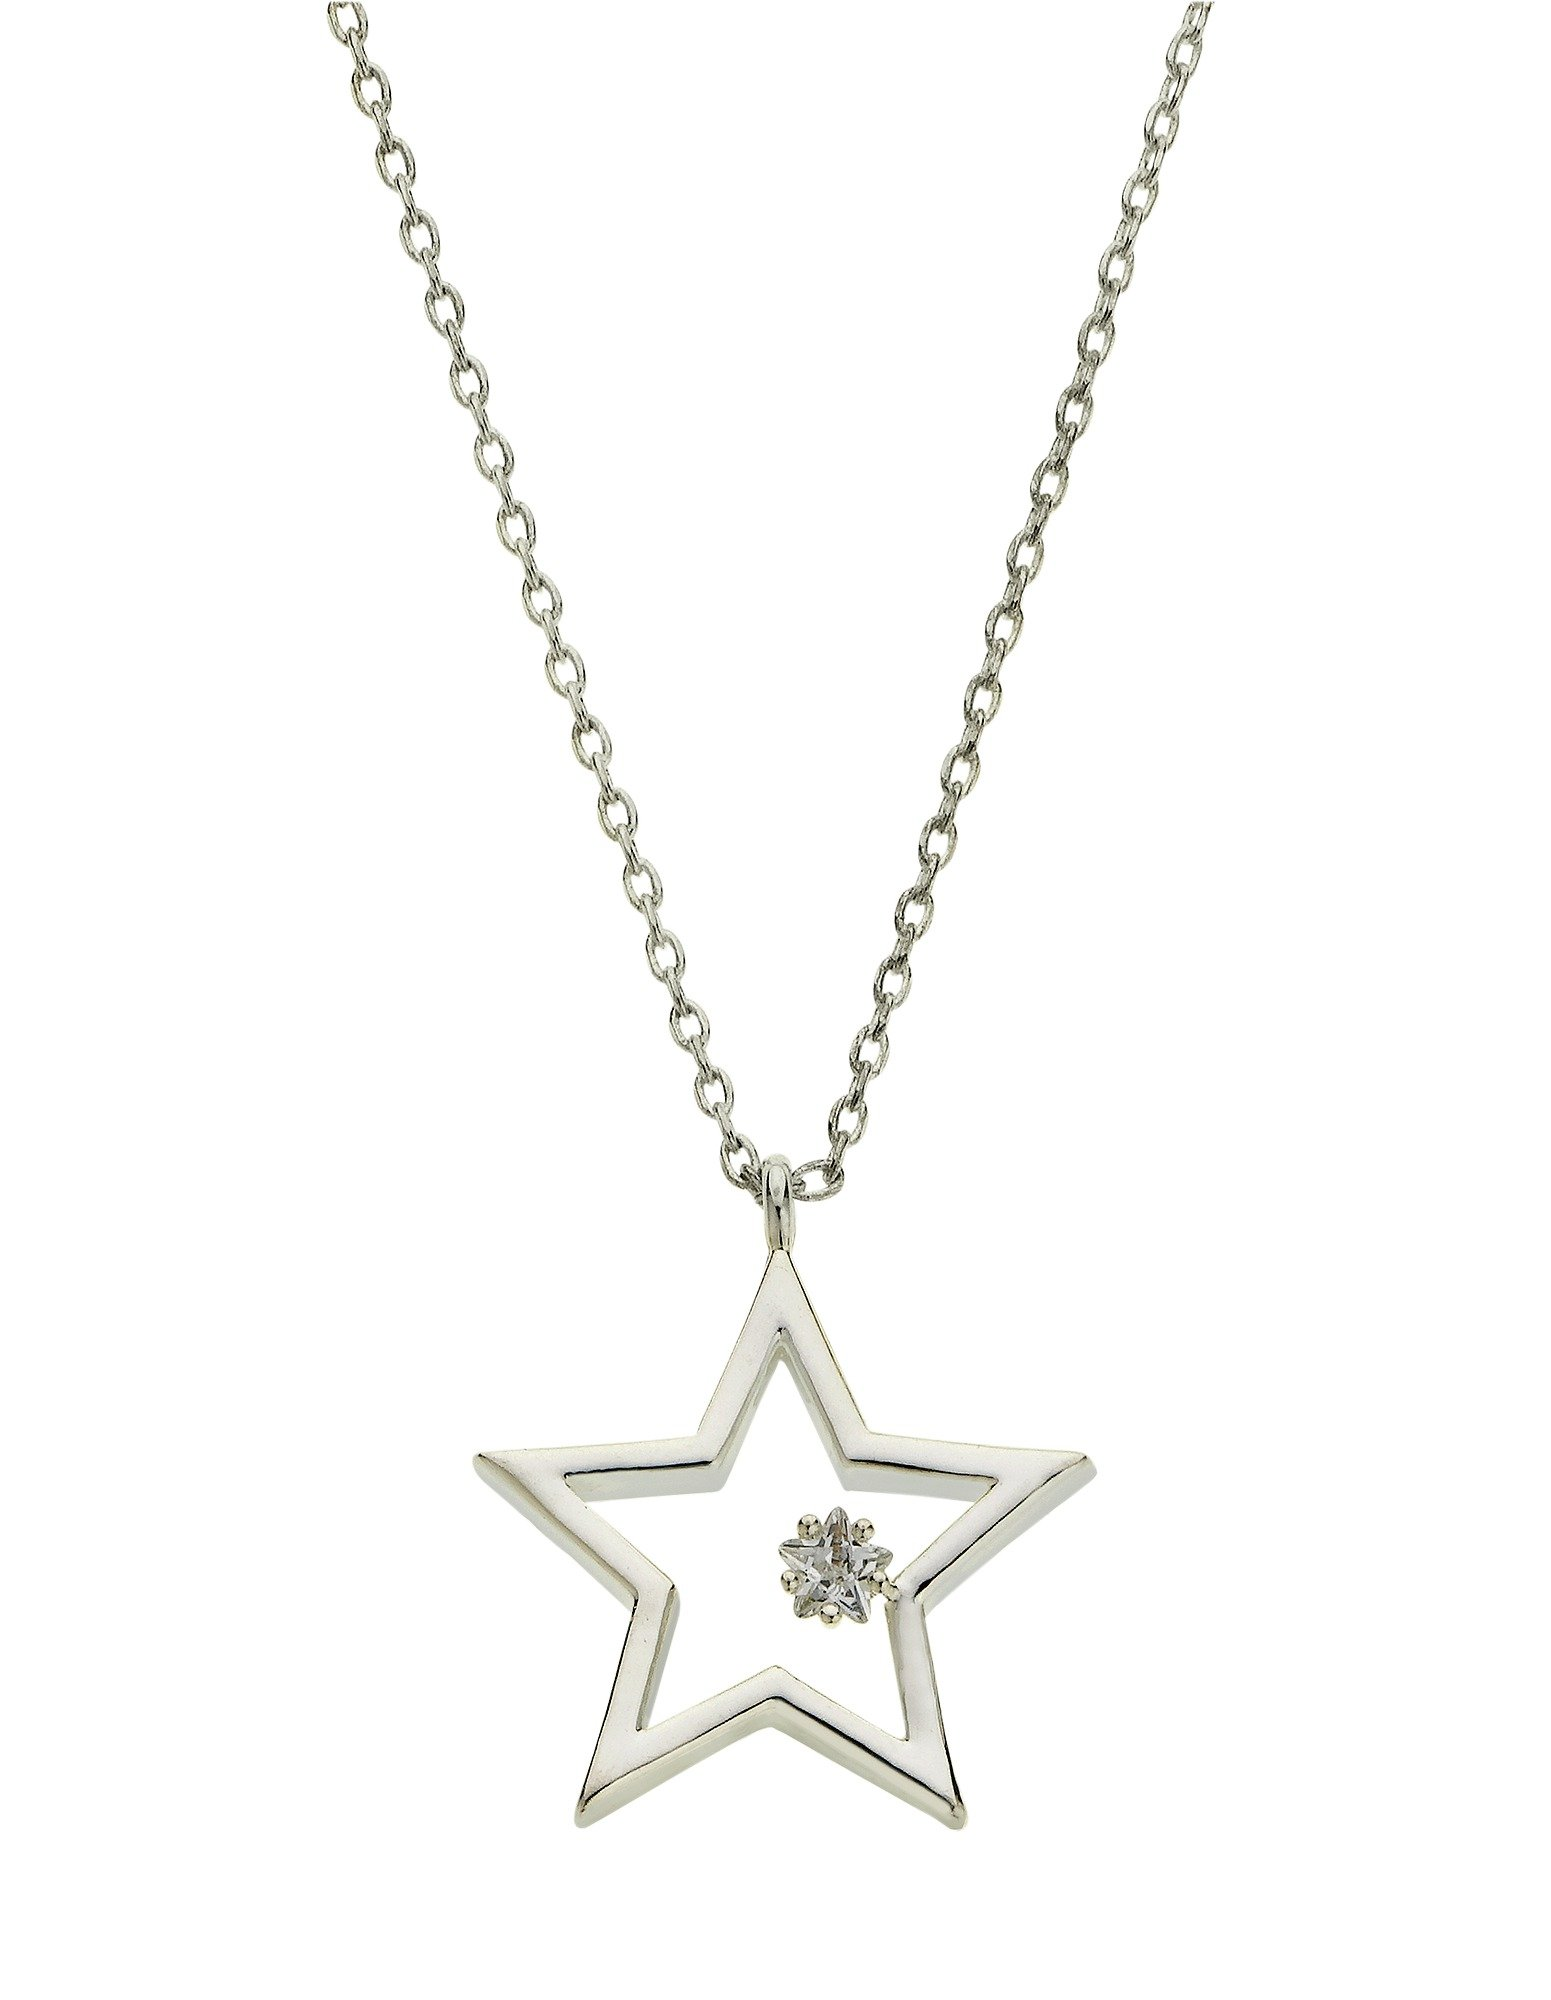 Amelia Grace Silver Colour Star Pendant 16 Inch Necklace